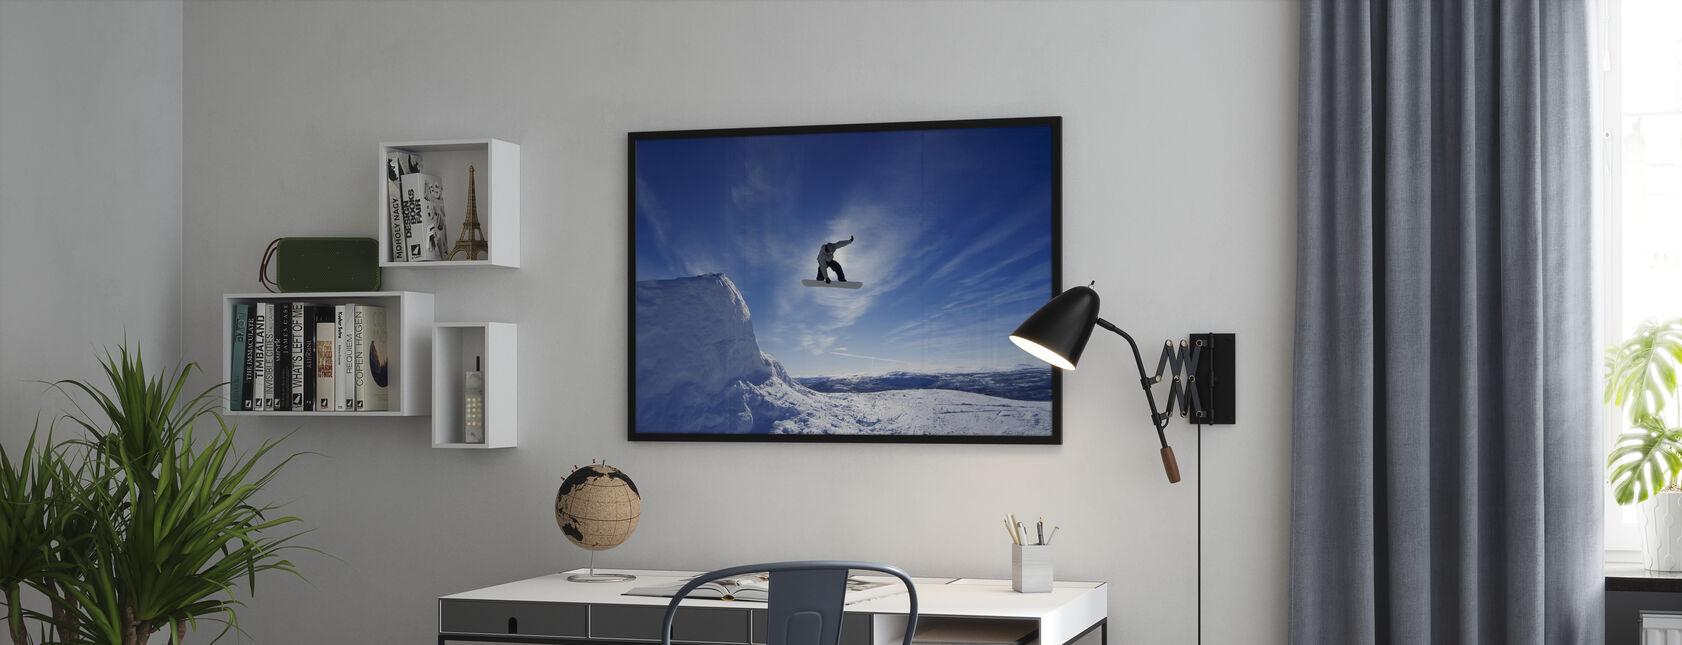 Snowboard Big Air Jump - Ingelijste print - Kantoor